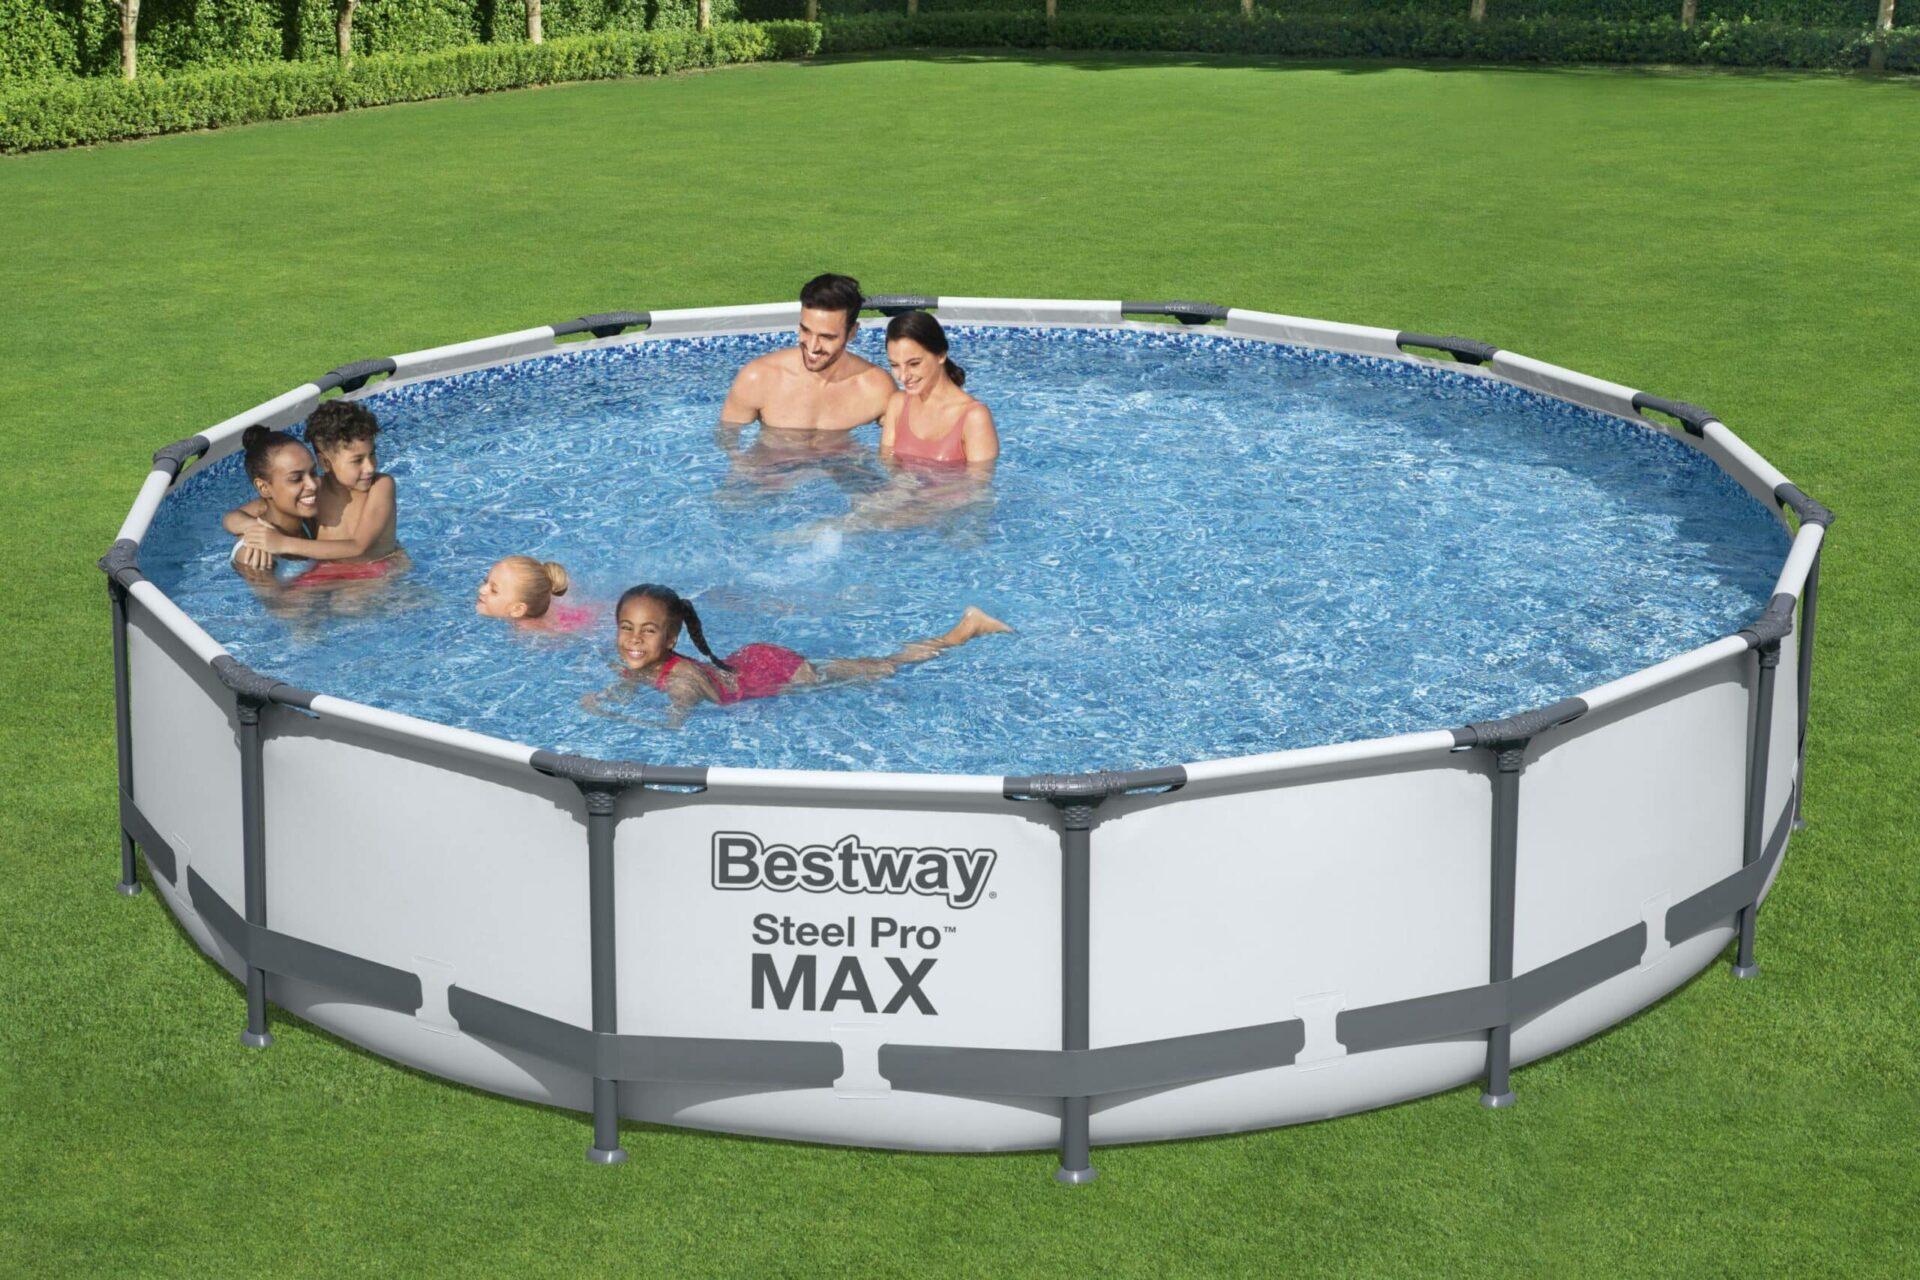 Rundt Steel Pro MAX Z0 basseng perfekt til familie og venner